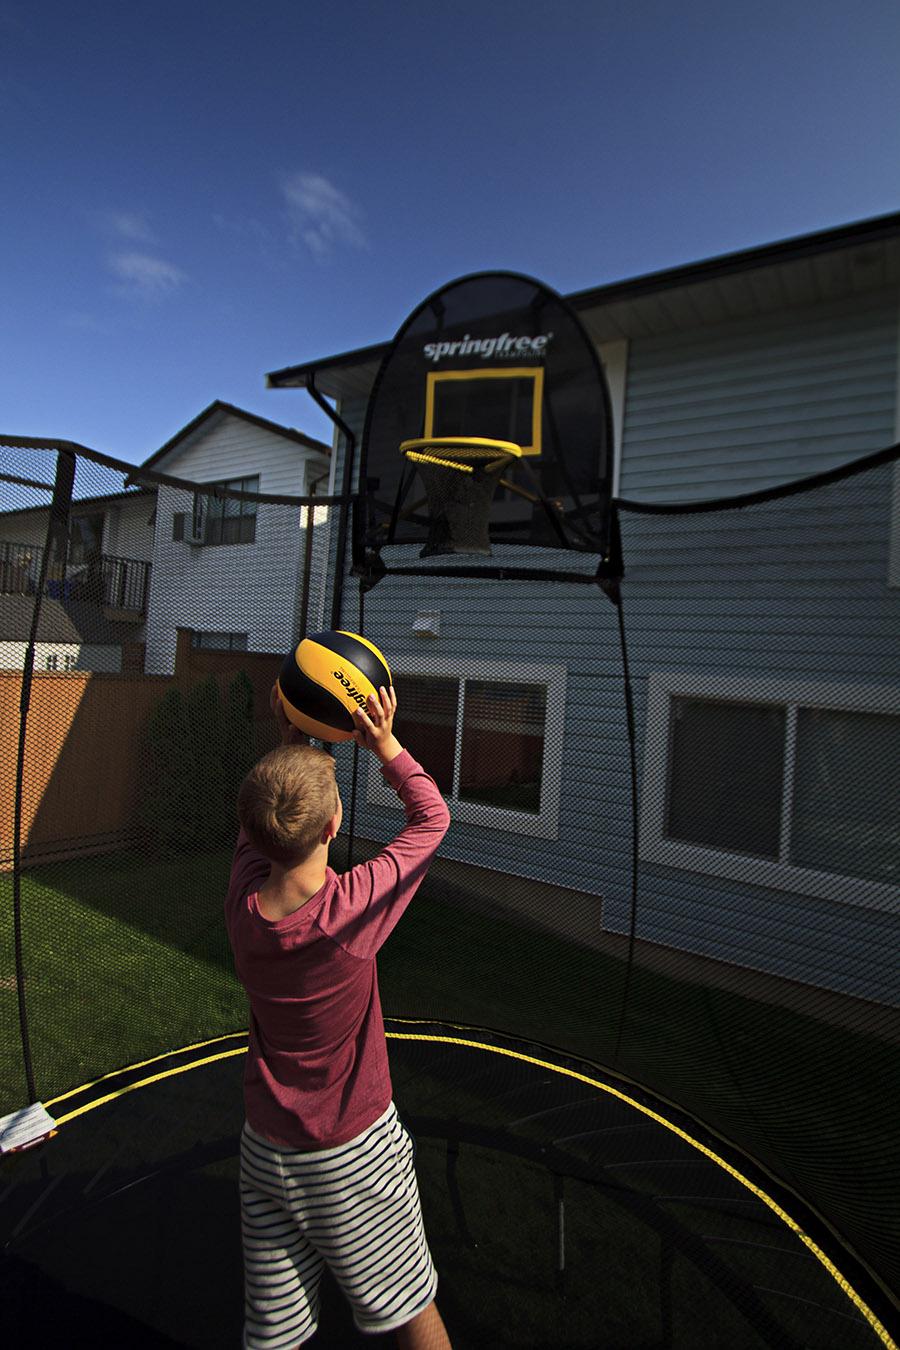 Springfree Basketball Hoop